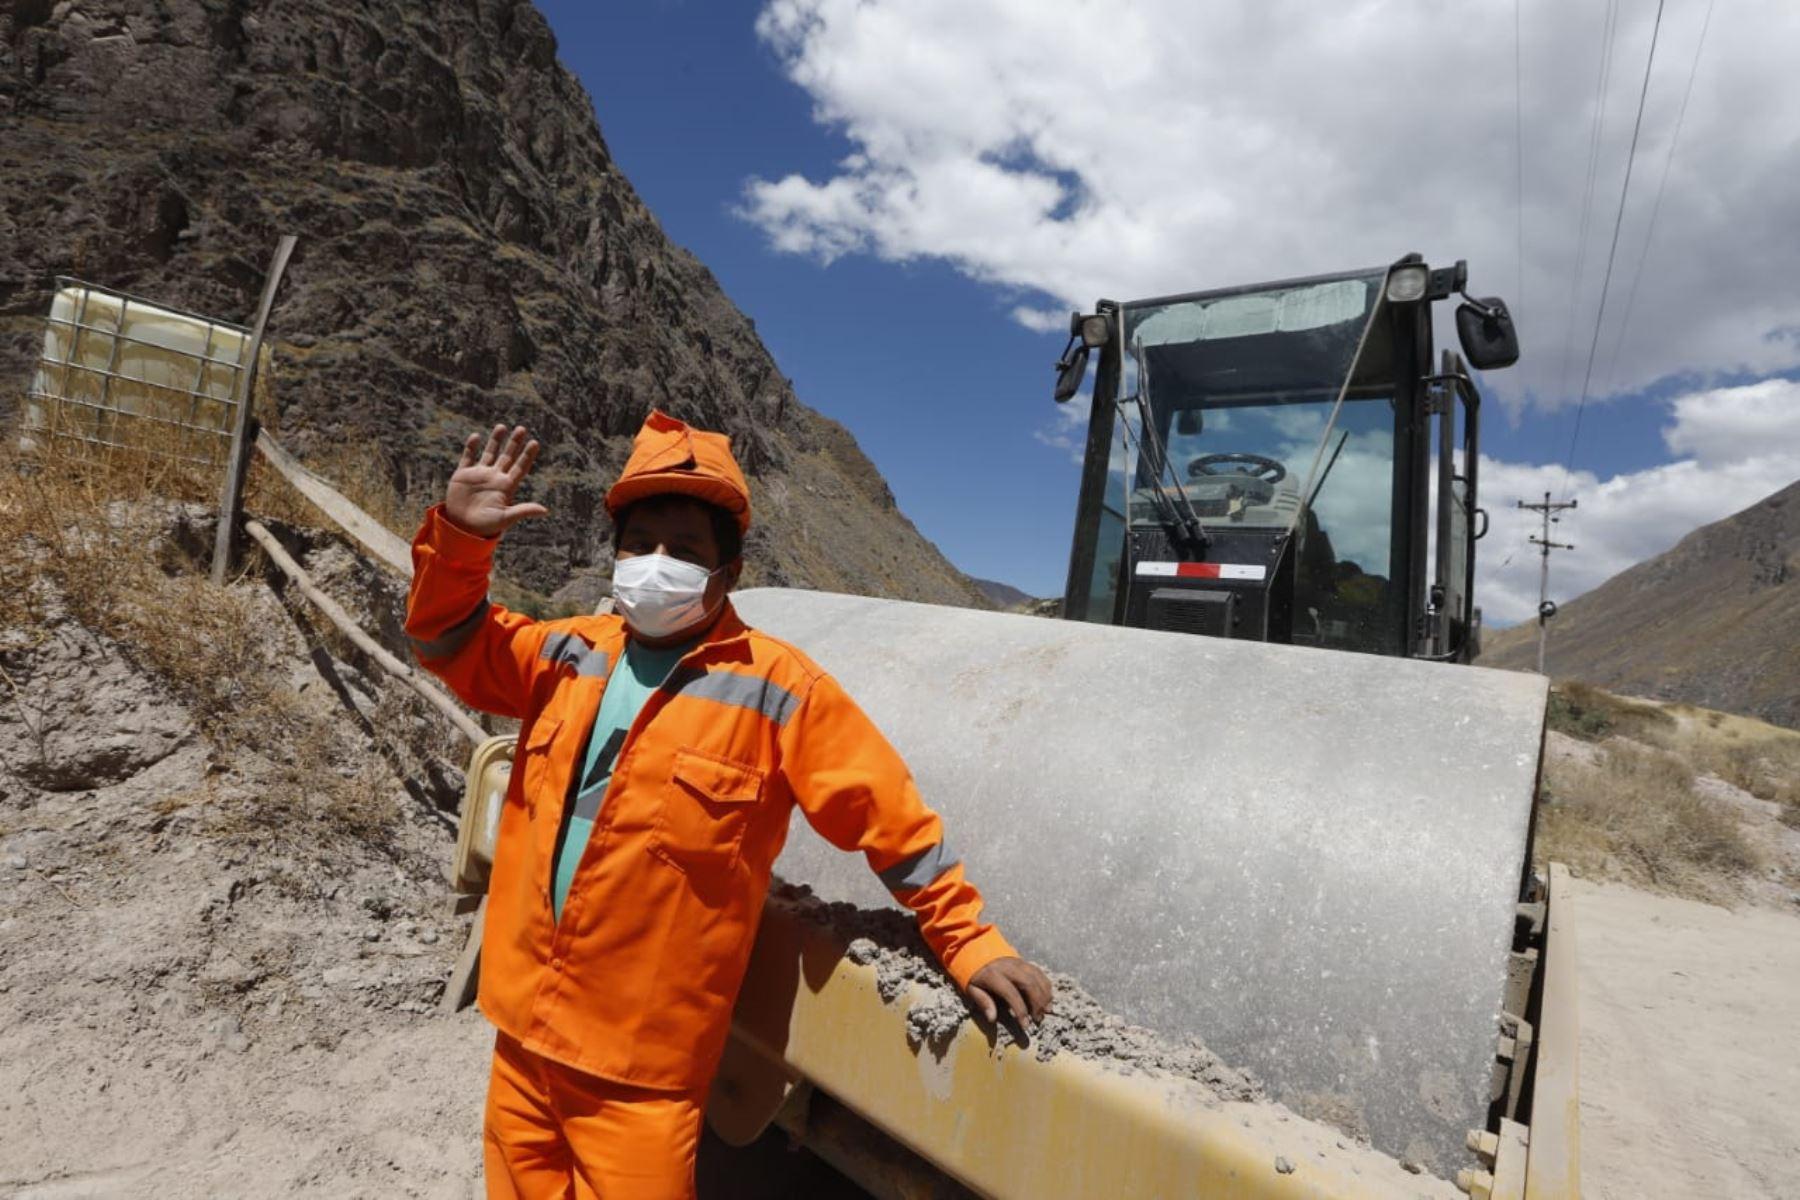 Trabajos de mejoramiento y conservación del Corredor Vial Aplao- Chuquibamba-Cotahuasi-Pausa, los trabajos de inversión de Arranca Perú en el tramo Huaycanotas – Jochapamp. Foto: ANDINA/ Prensa Presidencia